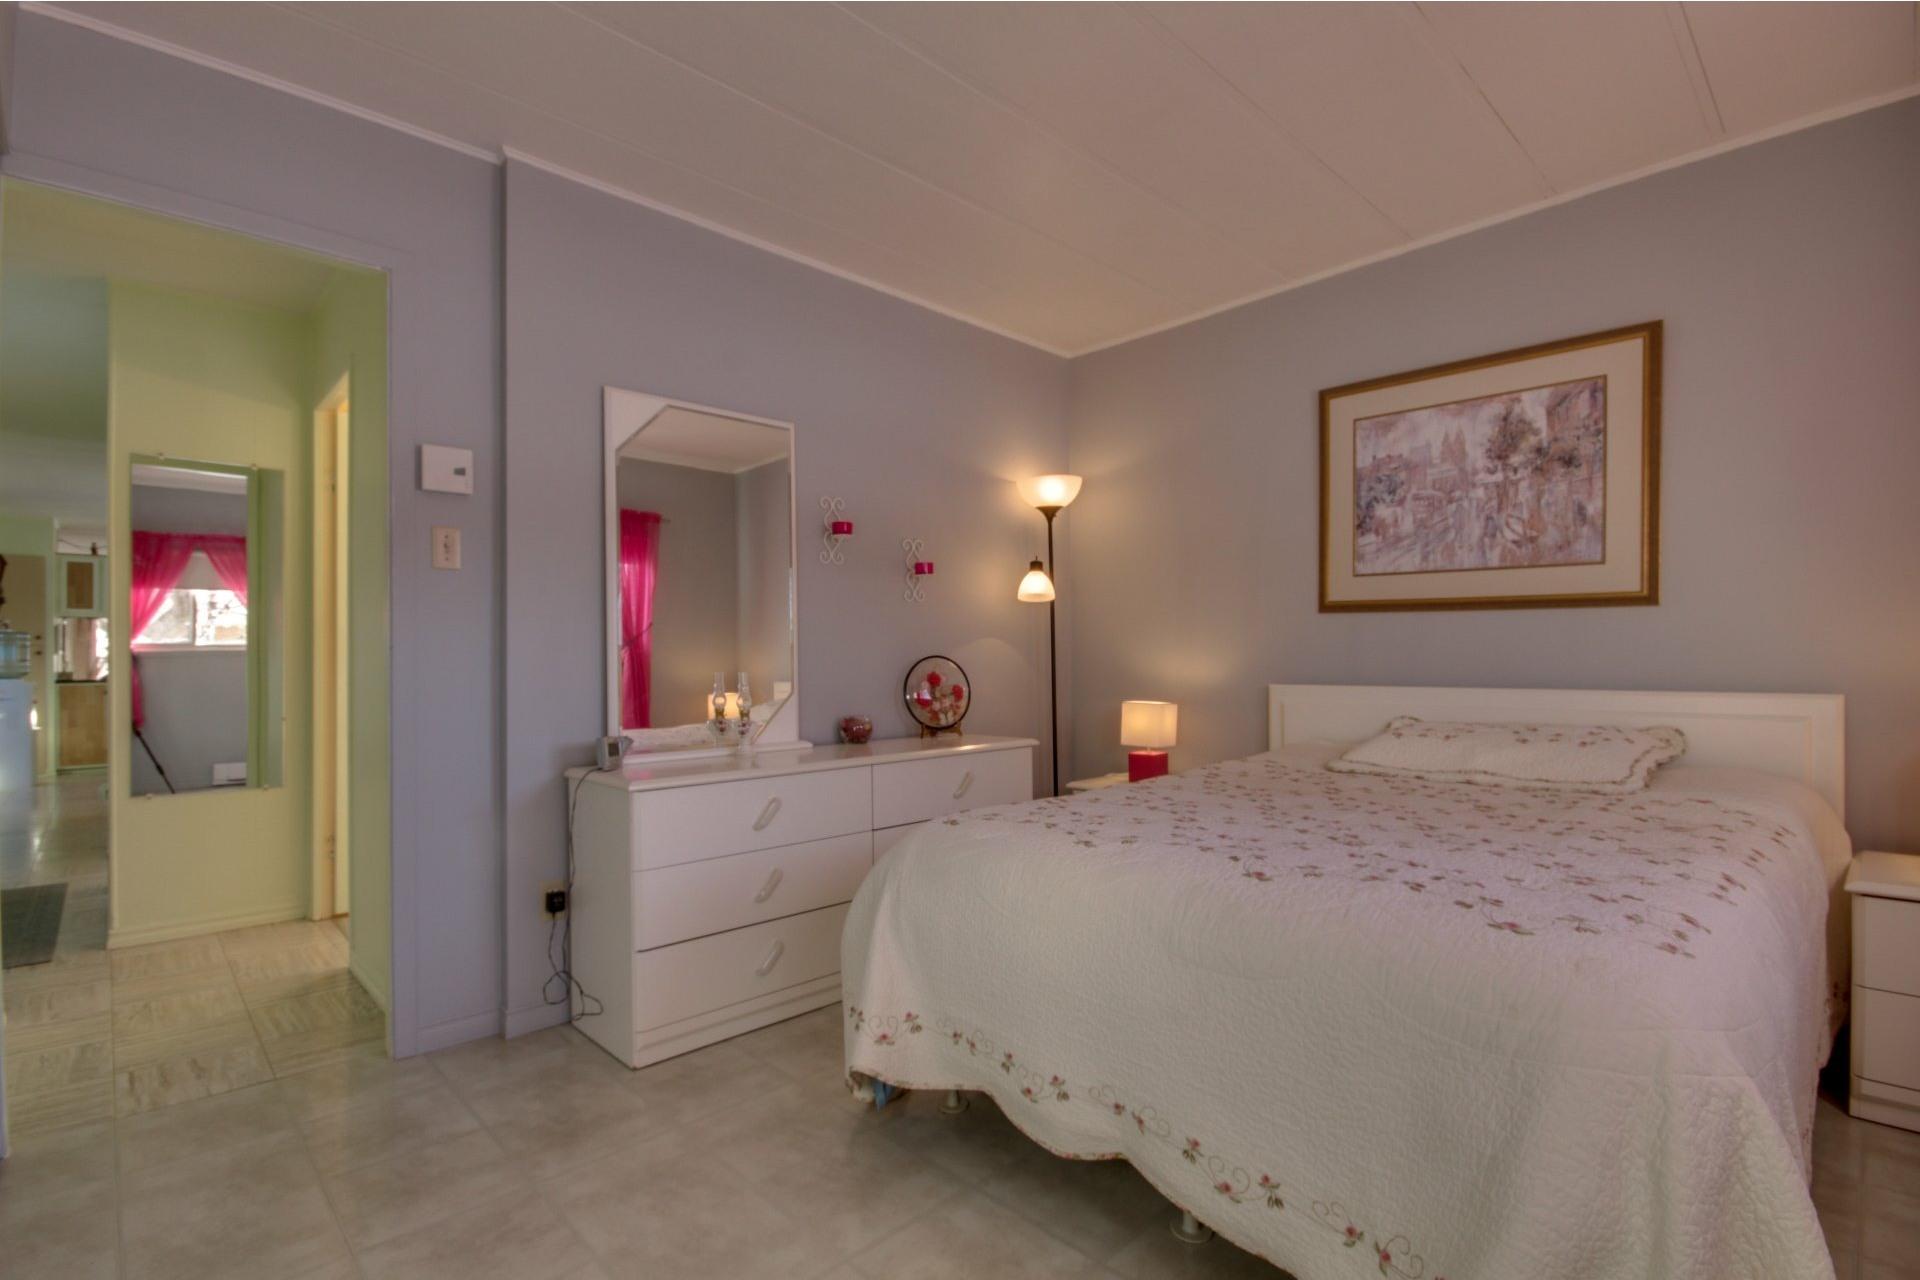 image 13 - Maison À vendre Saint-Pierre-les-Becquets - 6 pièces